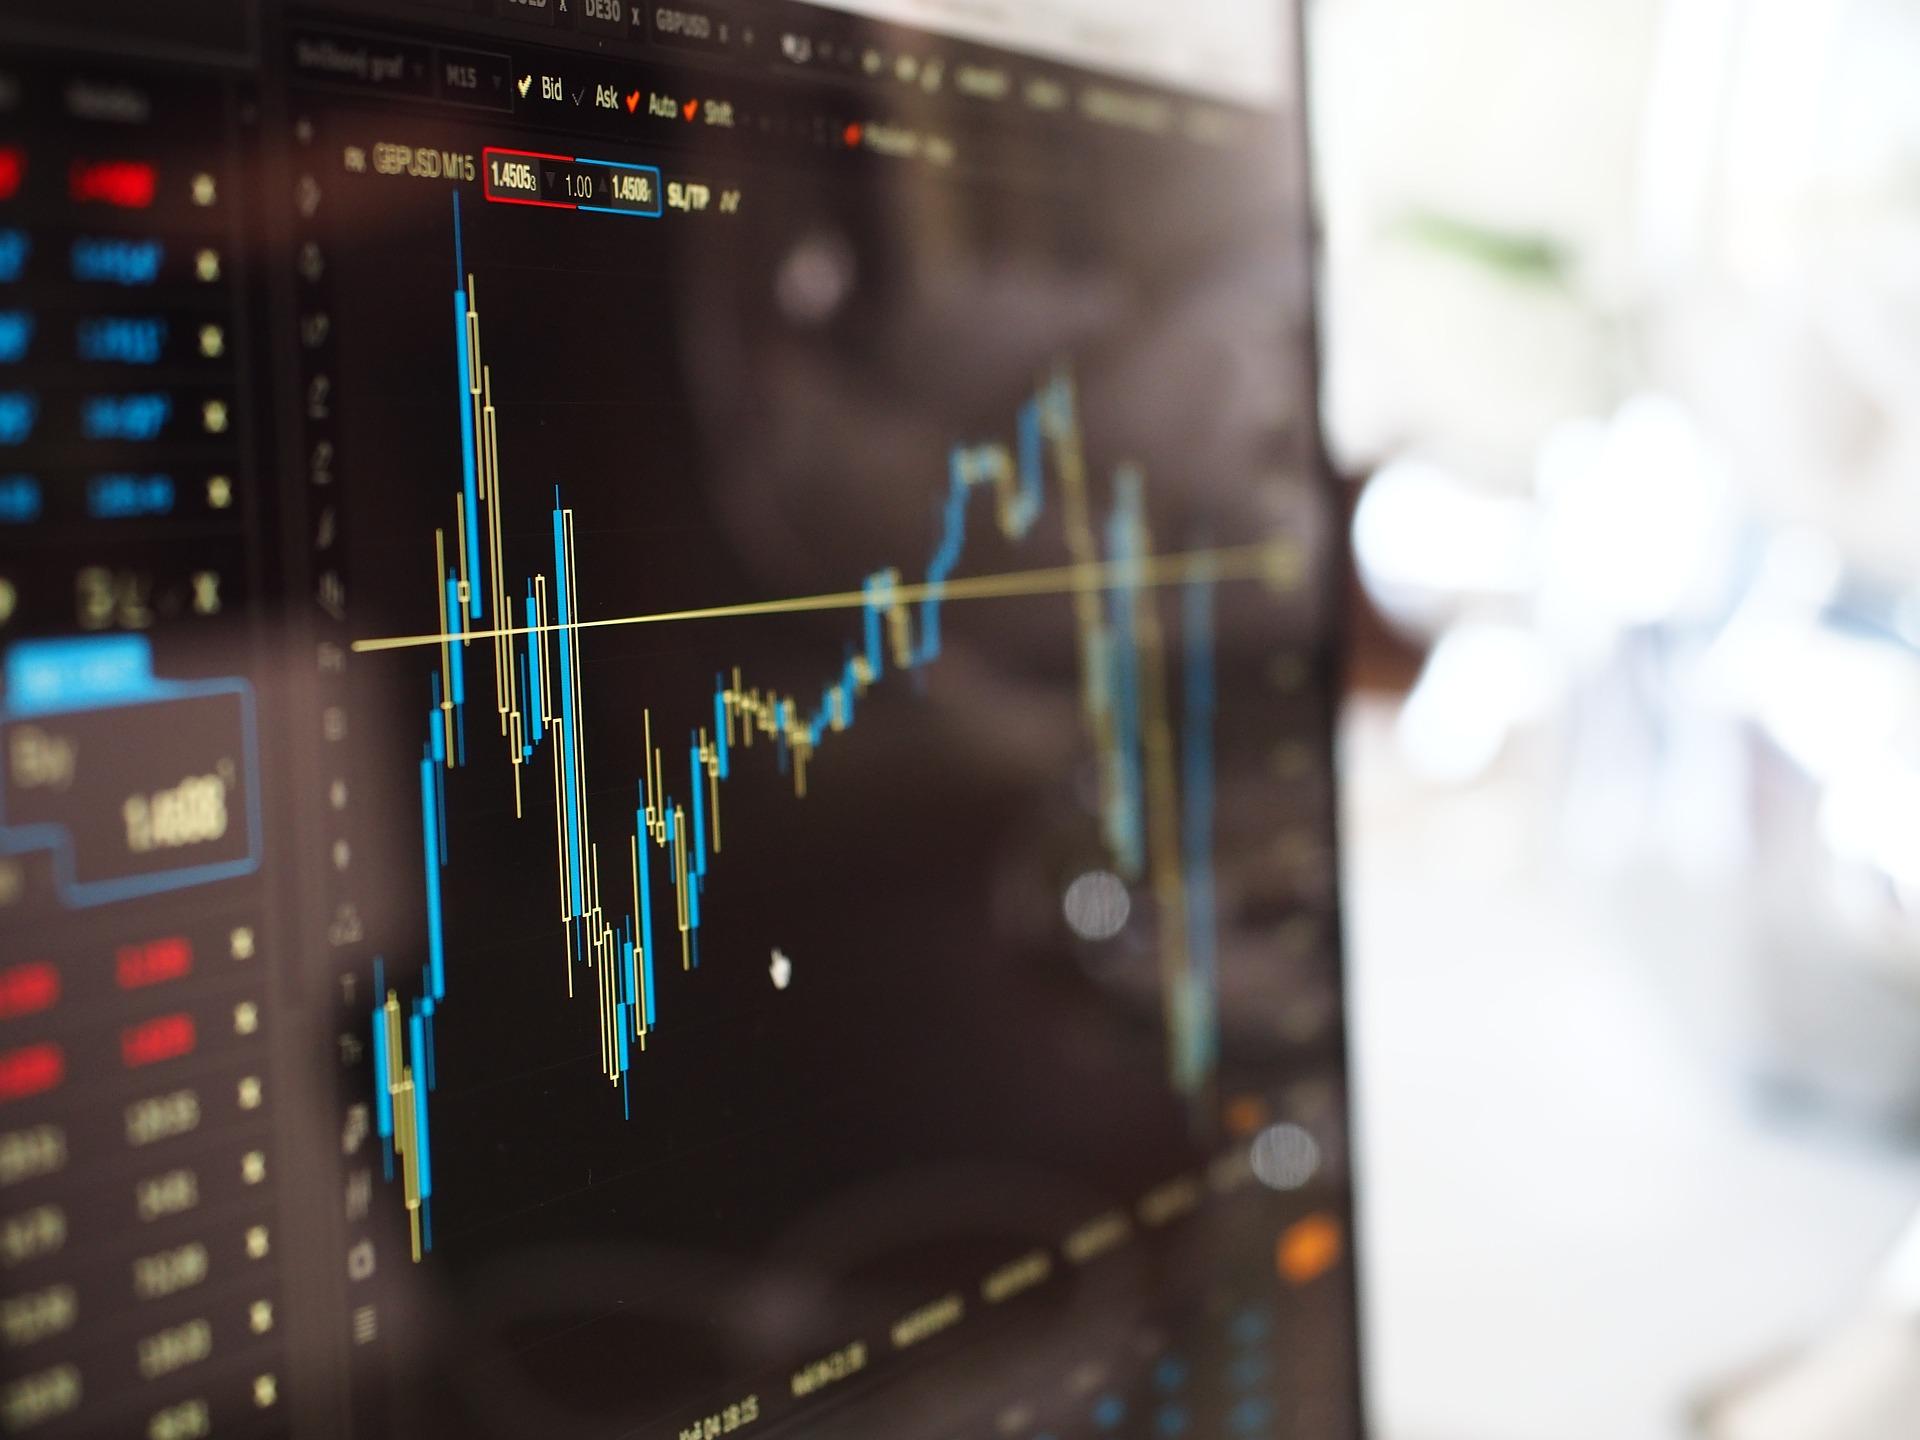 Índices futuros de NY em alta; bolsas europeias operam instáveis